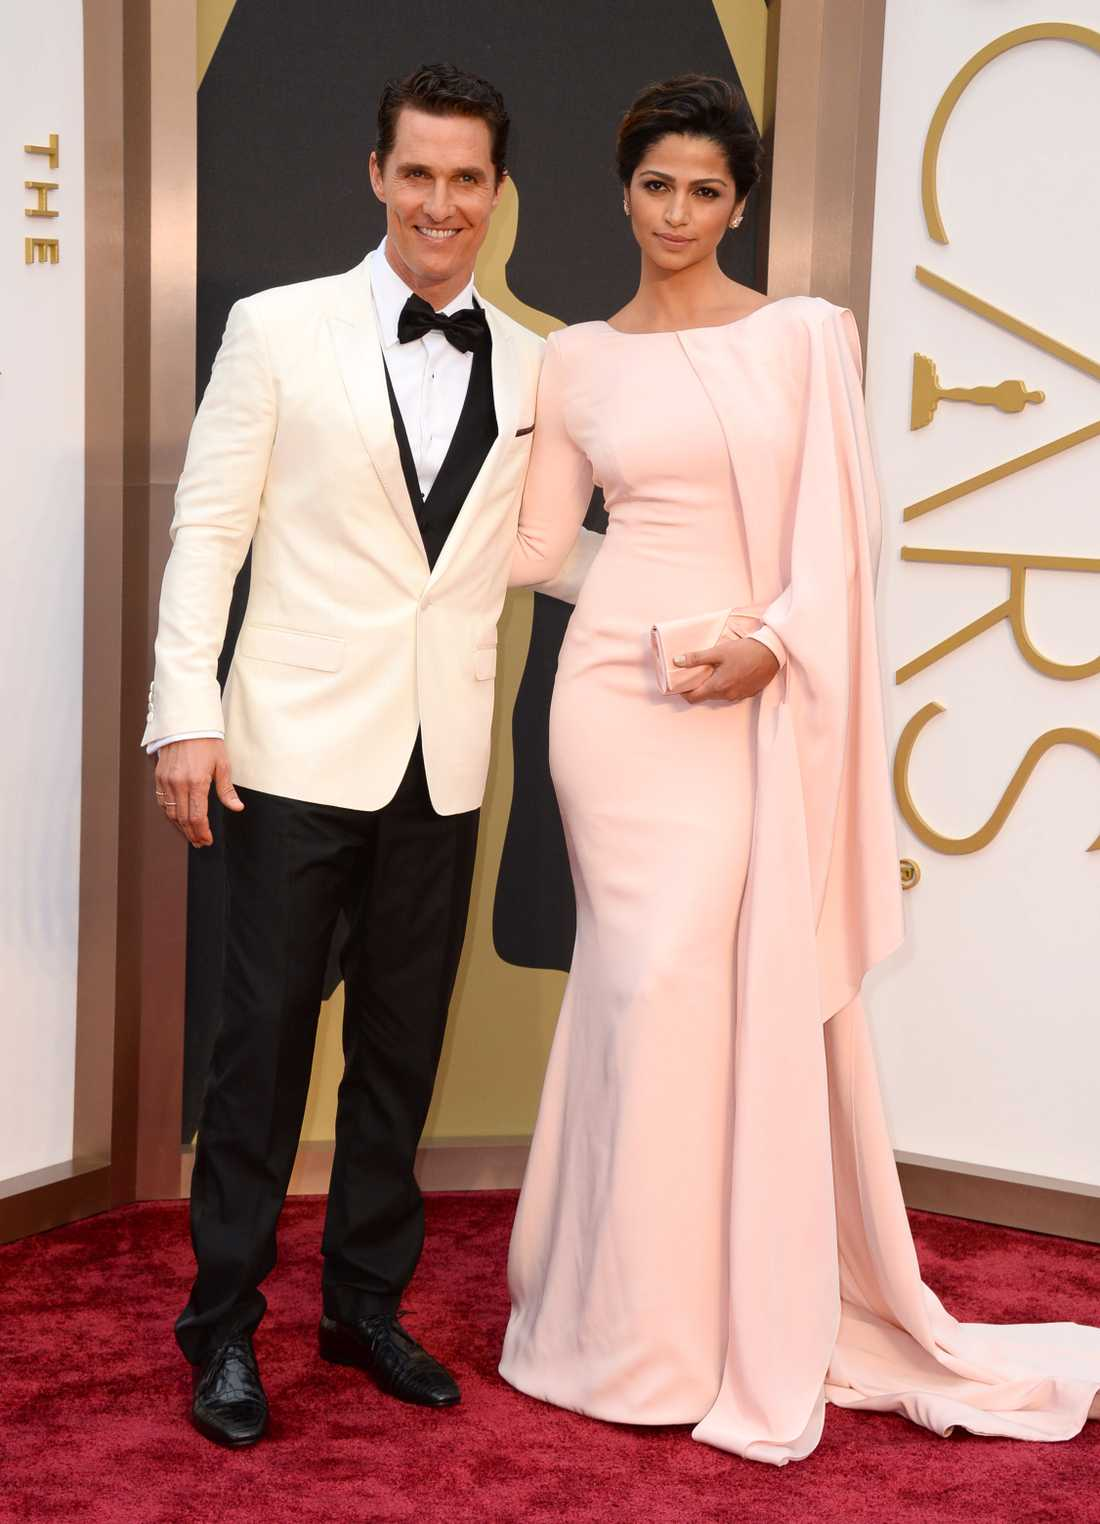 """+++ / ++++ Camila Alves och Matthew McConaughey: """"Uppfriskande med någon som i stort sett inte visar någon hud alls. Ovanligt och snyggt på Camila från Gabriela Cadena! Kul att man kan sticka ut även åt det hållet. Jag tippade att om någon ska ge Leo Di Caprio en match på röda mattan så vore det denne elegante herre! Kul att han valde vitt istället för traditionellt svart, oerhört classy och dessutom trendigt!"""""""